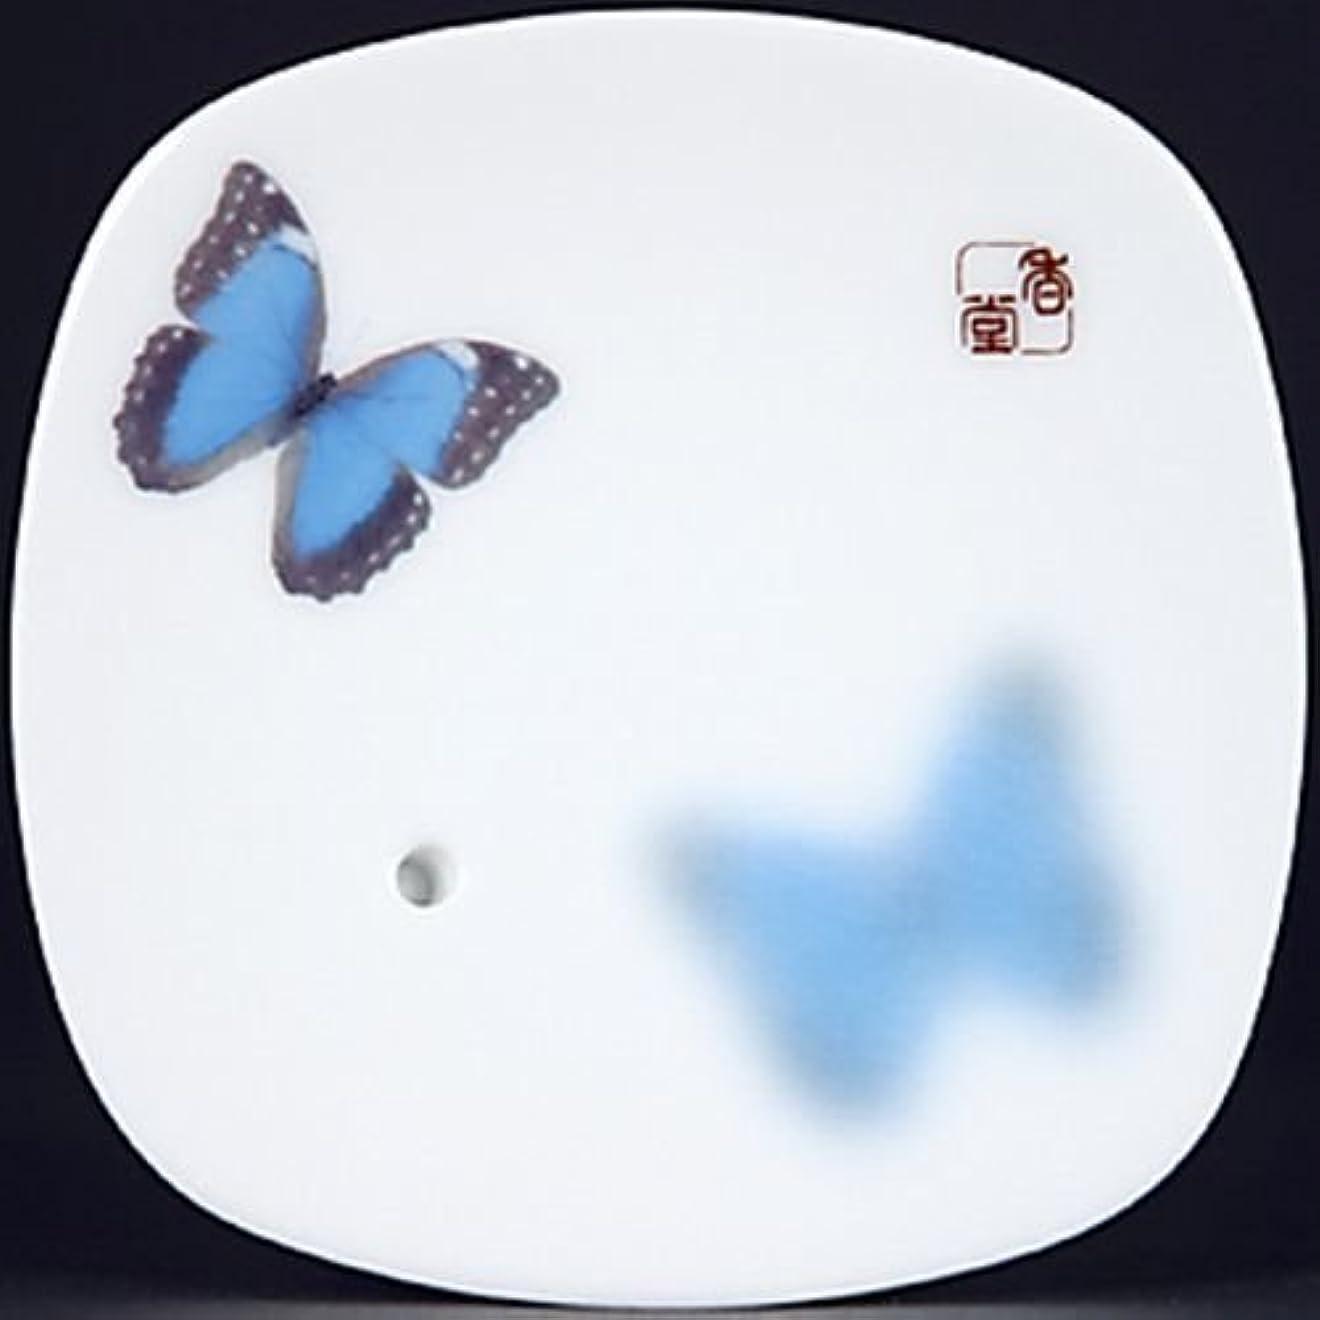 受益者色識別【まとめ買い】【日本香堂】夢の夢 夏夜の香(なつよ) 香皿 ×2セット